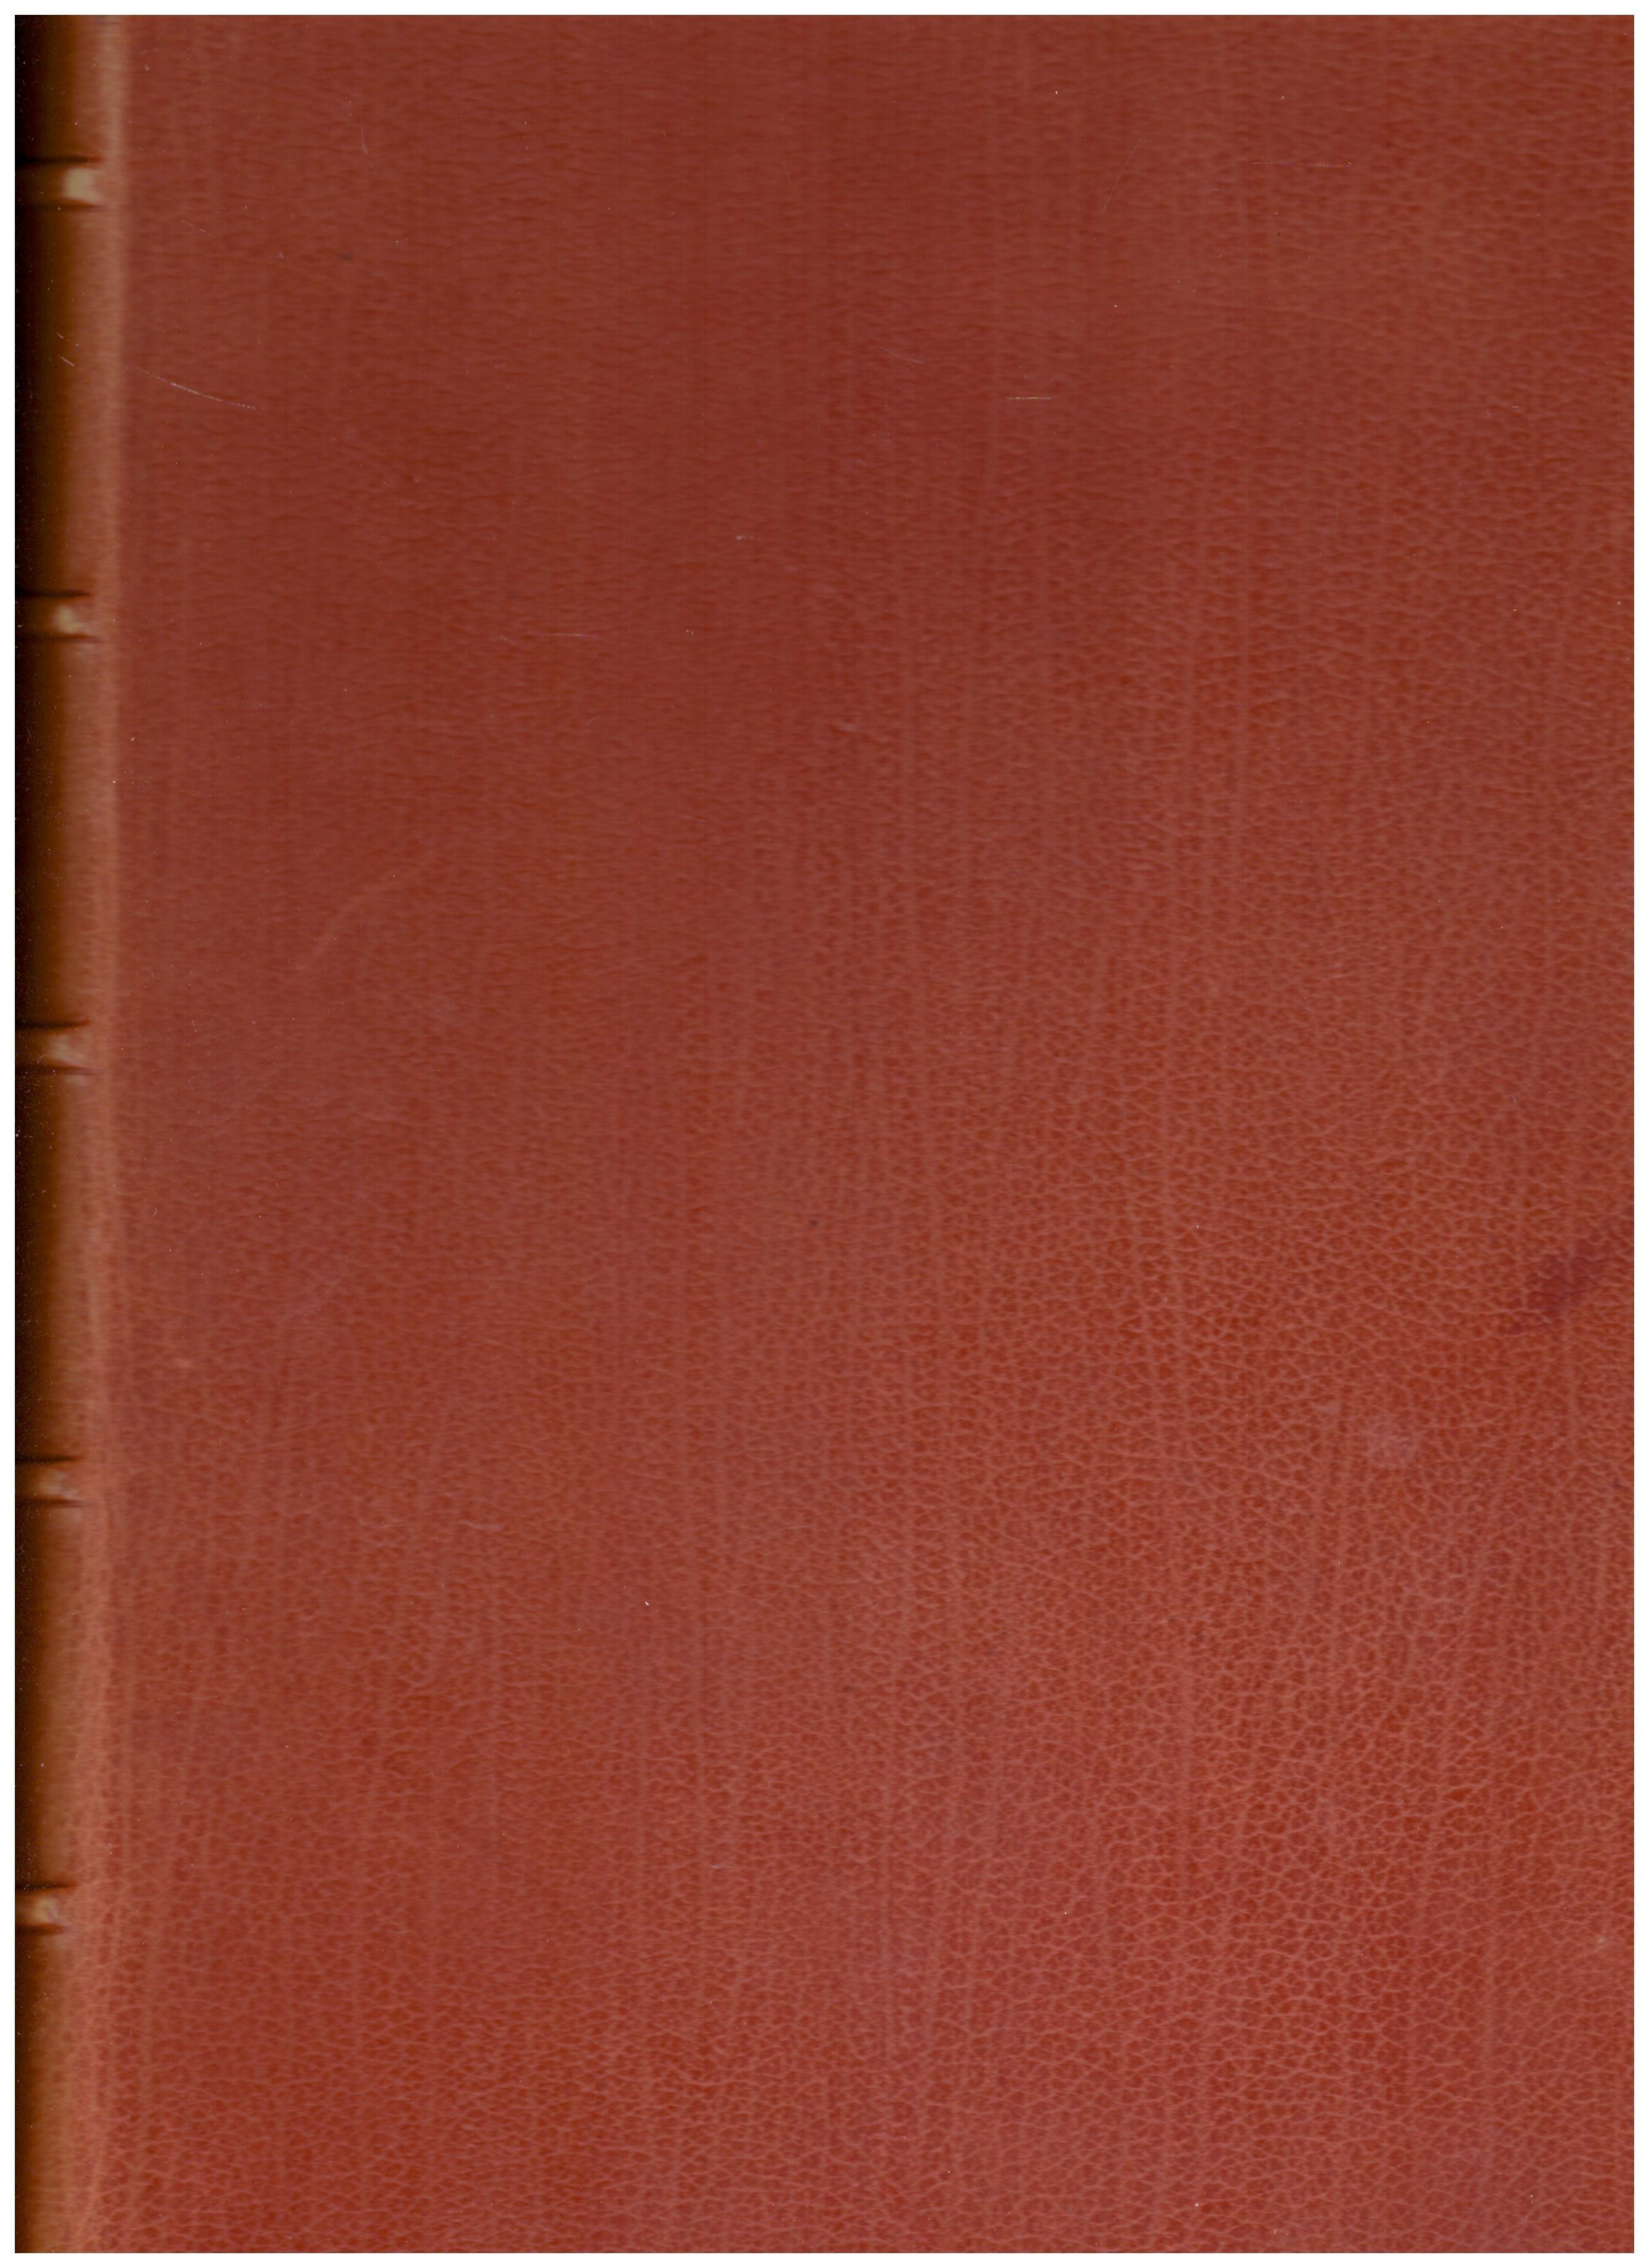 Titolo: Urbino e i suoi monumenti Autore: Prof Egidio Calzini Editore: Licinio Cappelli editoriale 1897